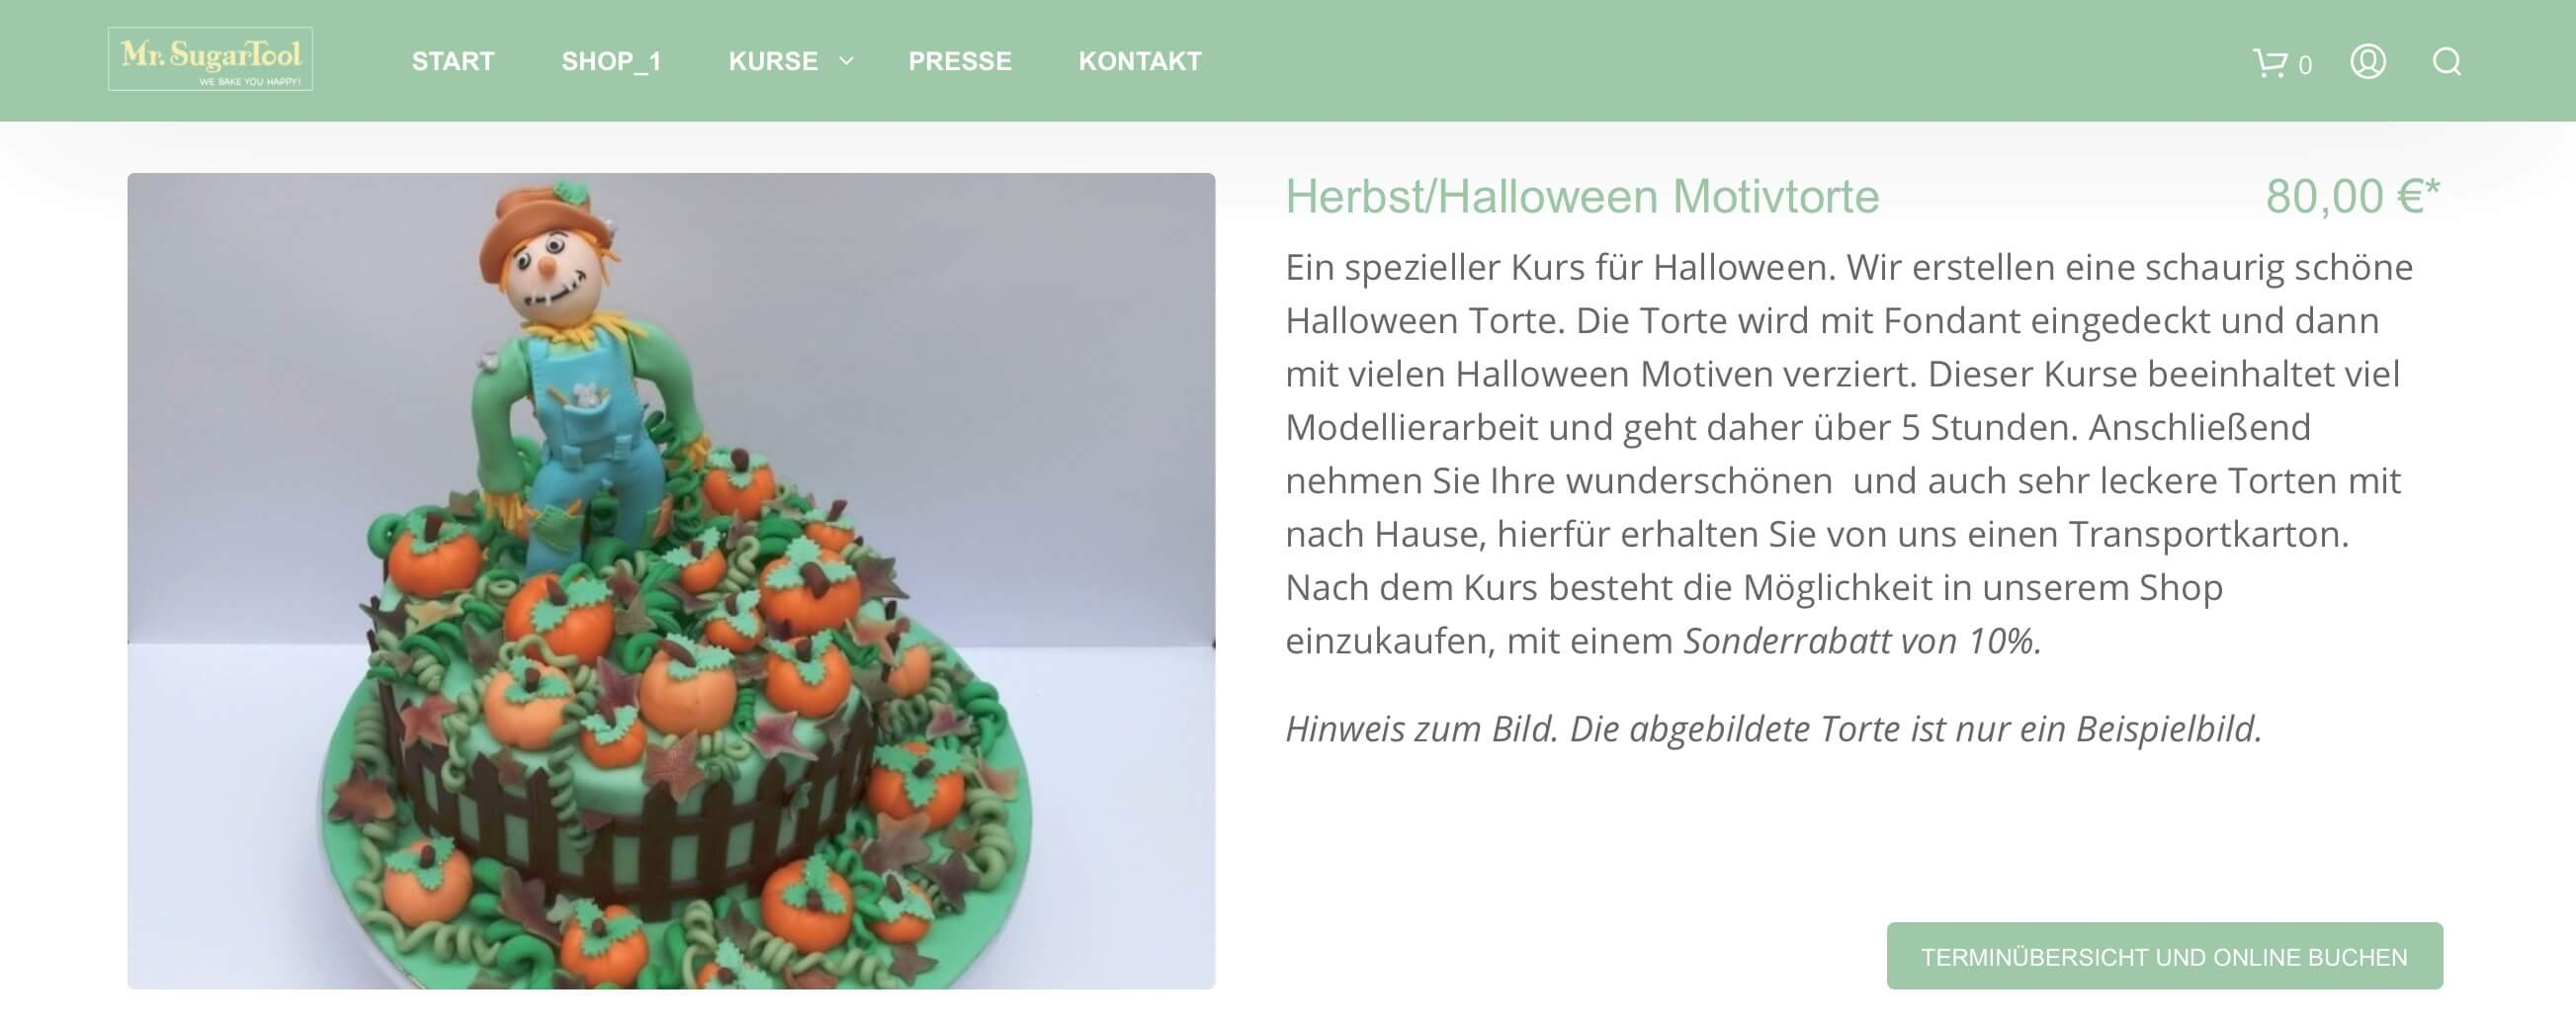 bookingkit 7 einfache Tipps für Halloween Motivtorte